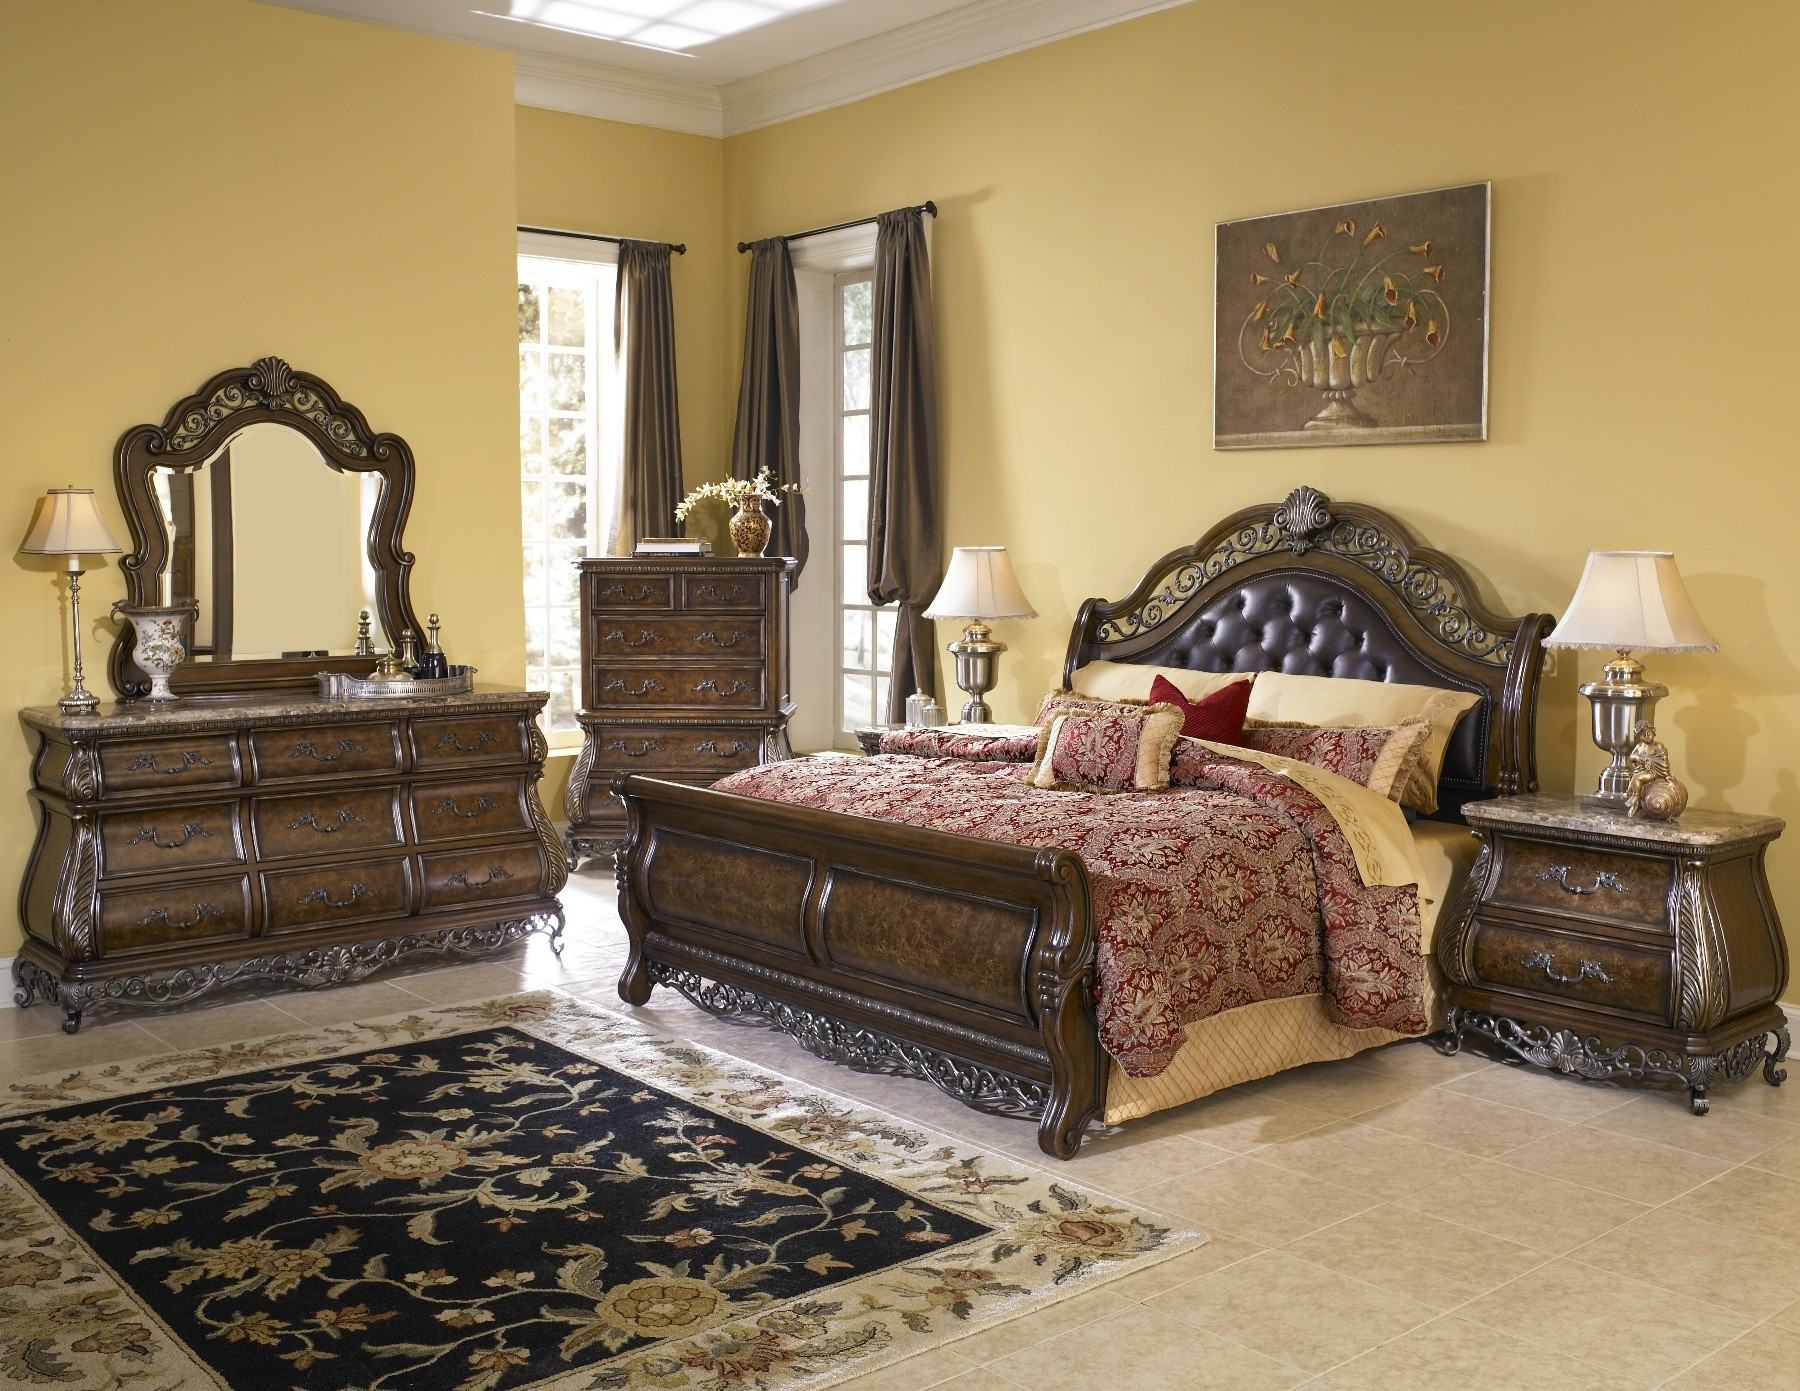 Birkhaven bedroom set from pulaski 9911 coleman furniture - King size bedroom sets for sale by owner ...